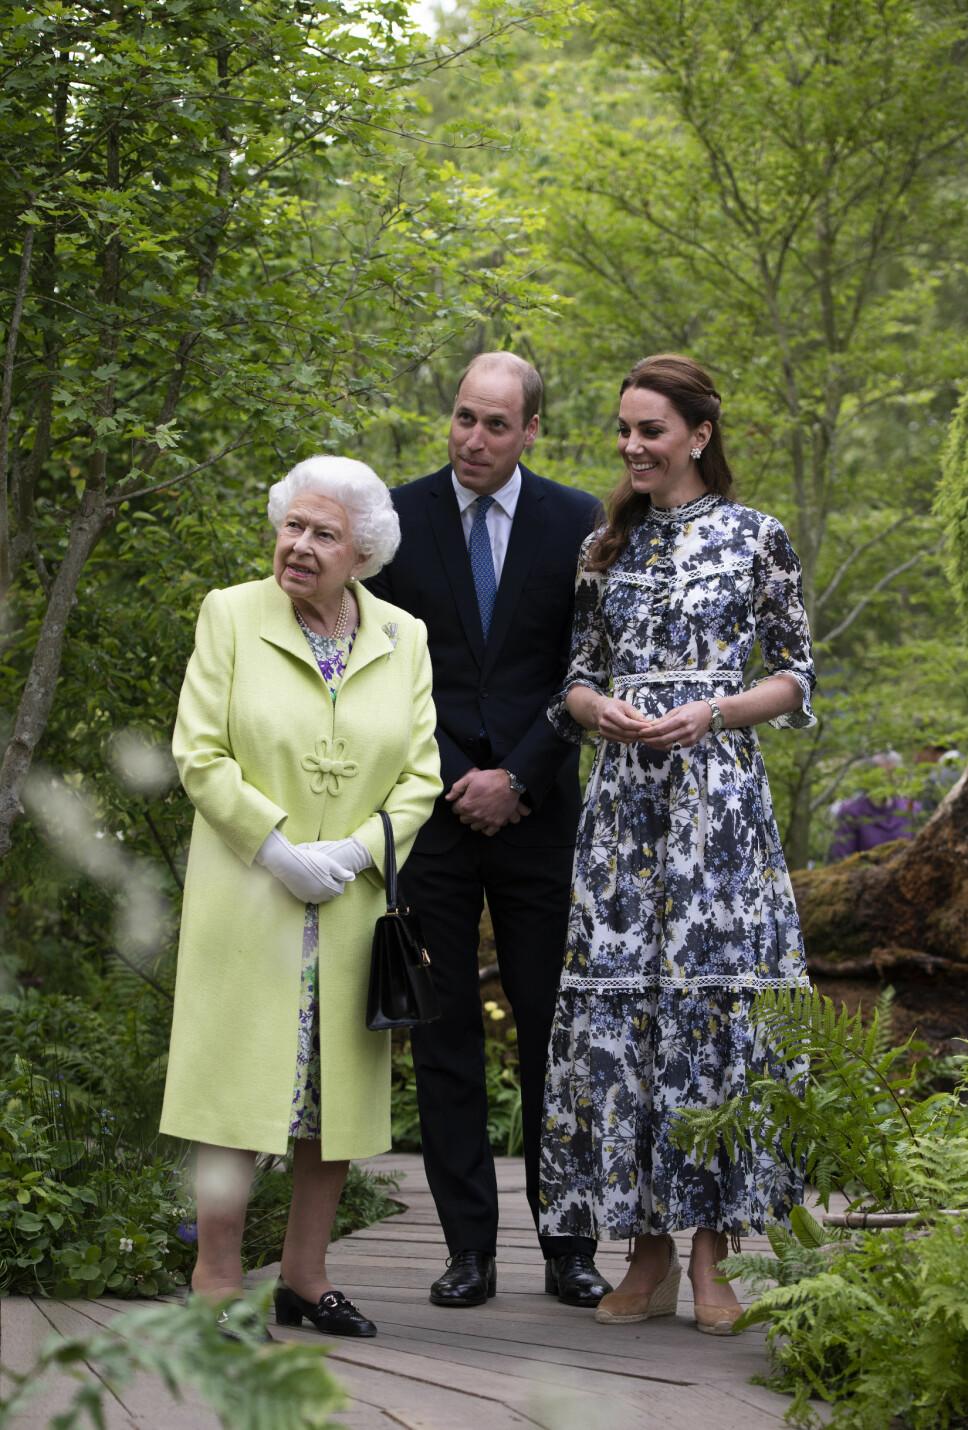 SOMMERLIG: Dronning Elizabeth, prins William og hertuginne Kate under RHS Chelsea Flower Show 2019. Kate er kledd i en blomstrete kjole fra Erdem og espadrillos med kilehæl.